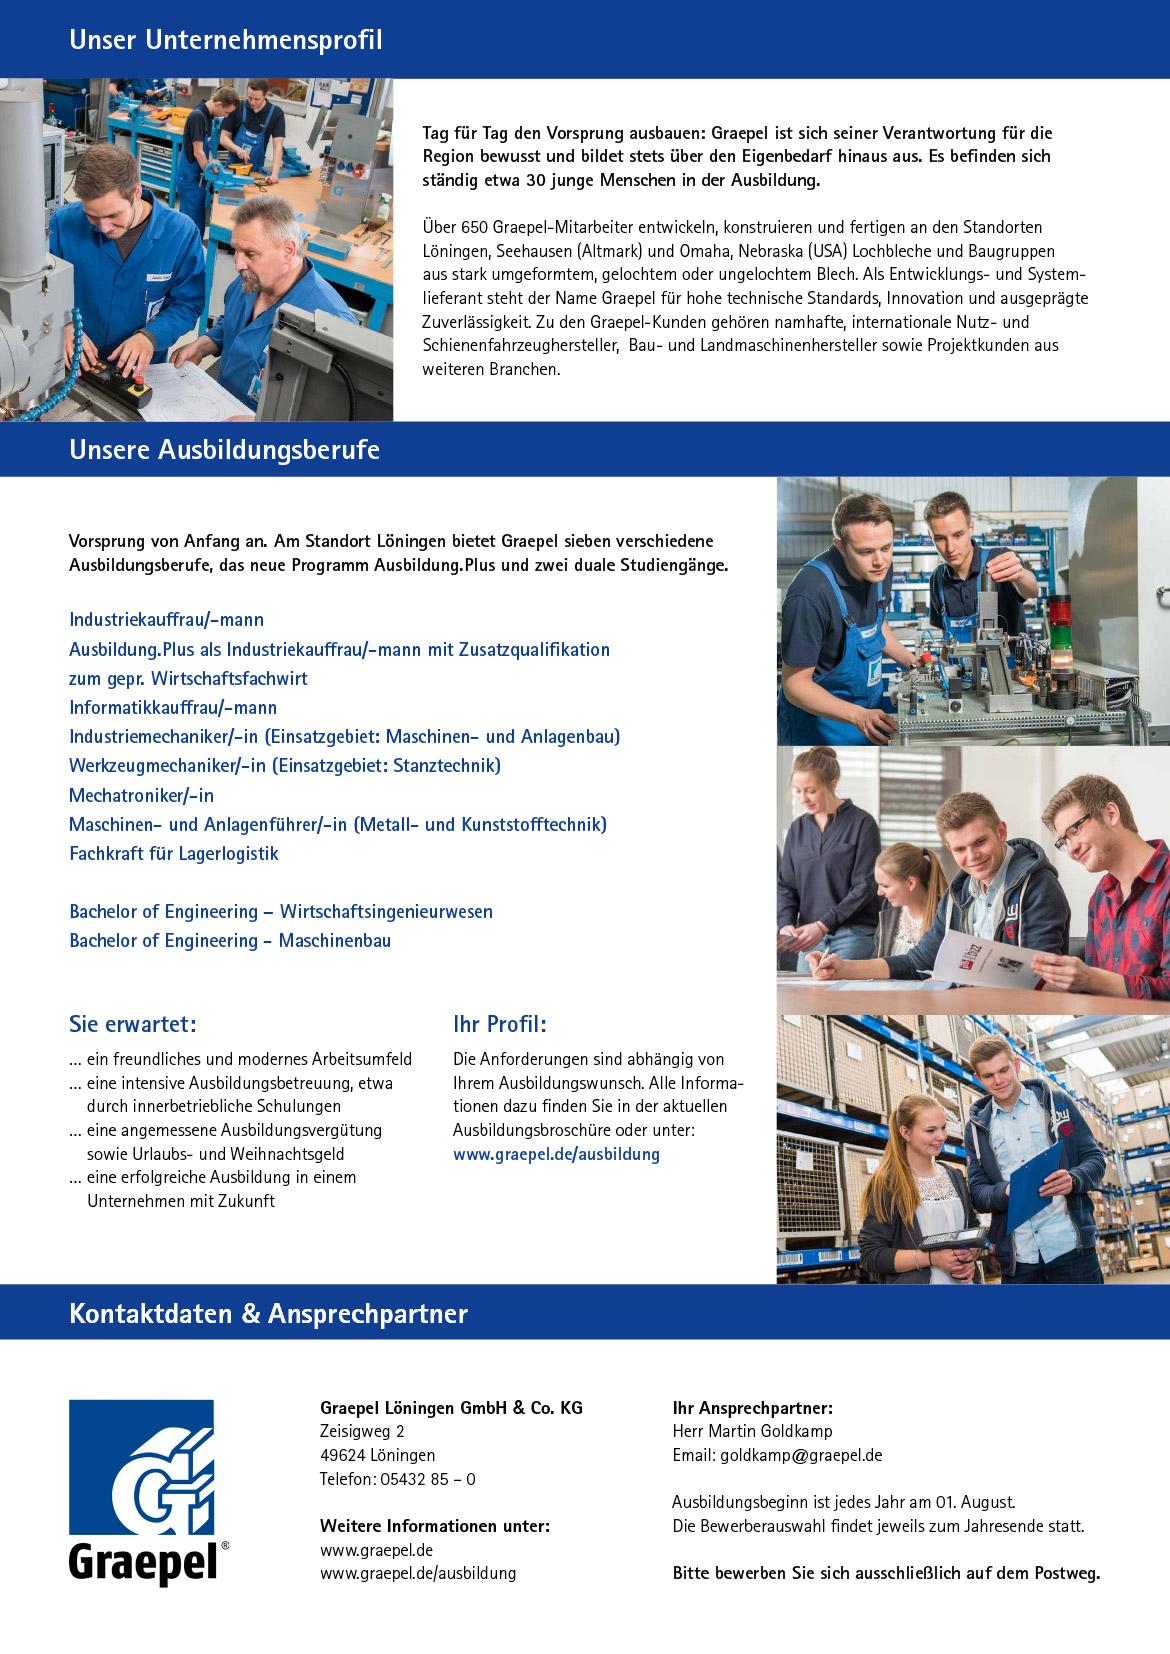 Ausbildungsplakat: Graepel Löningen GmbH & Co. KG